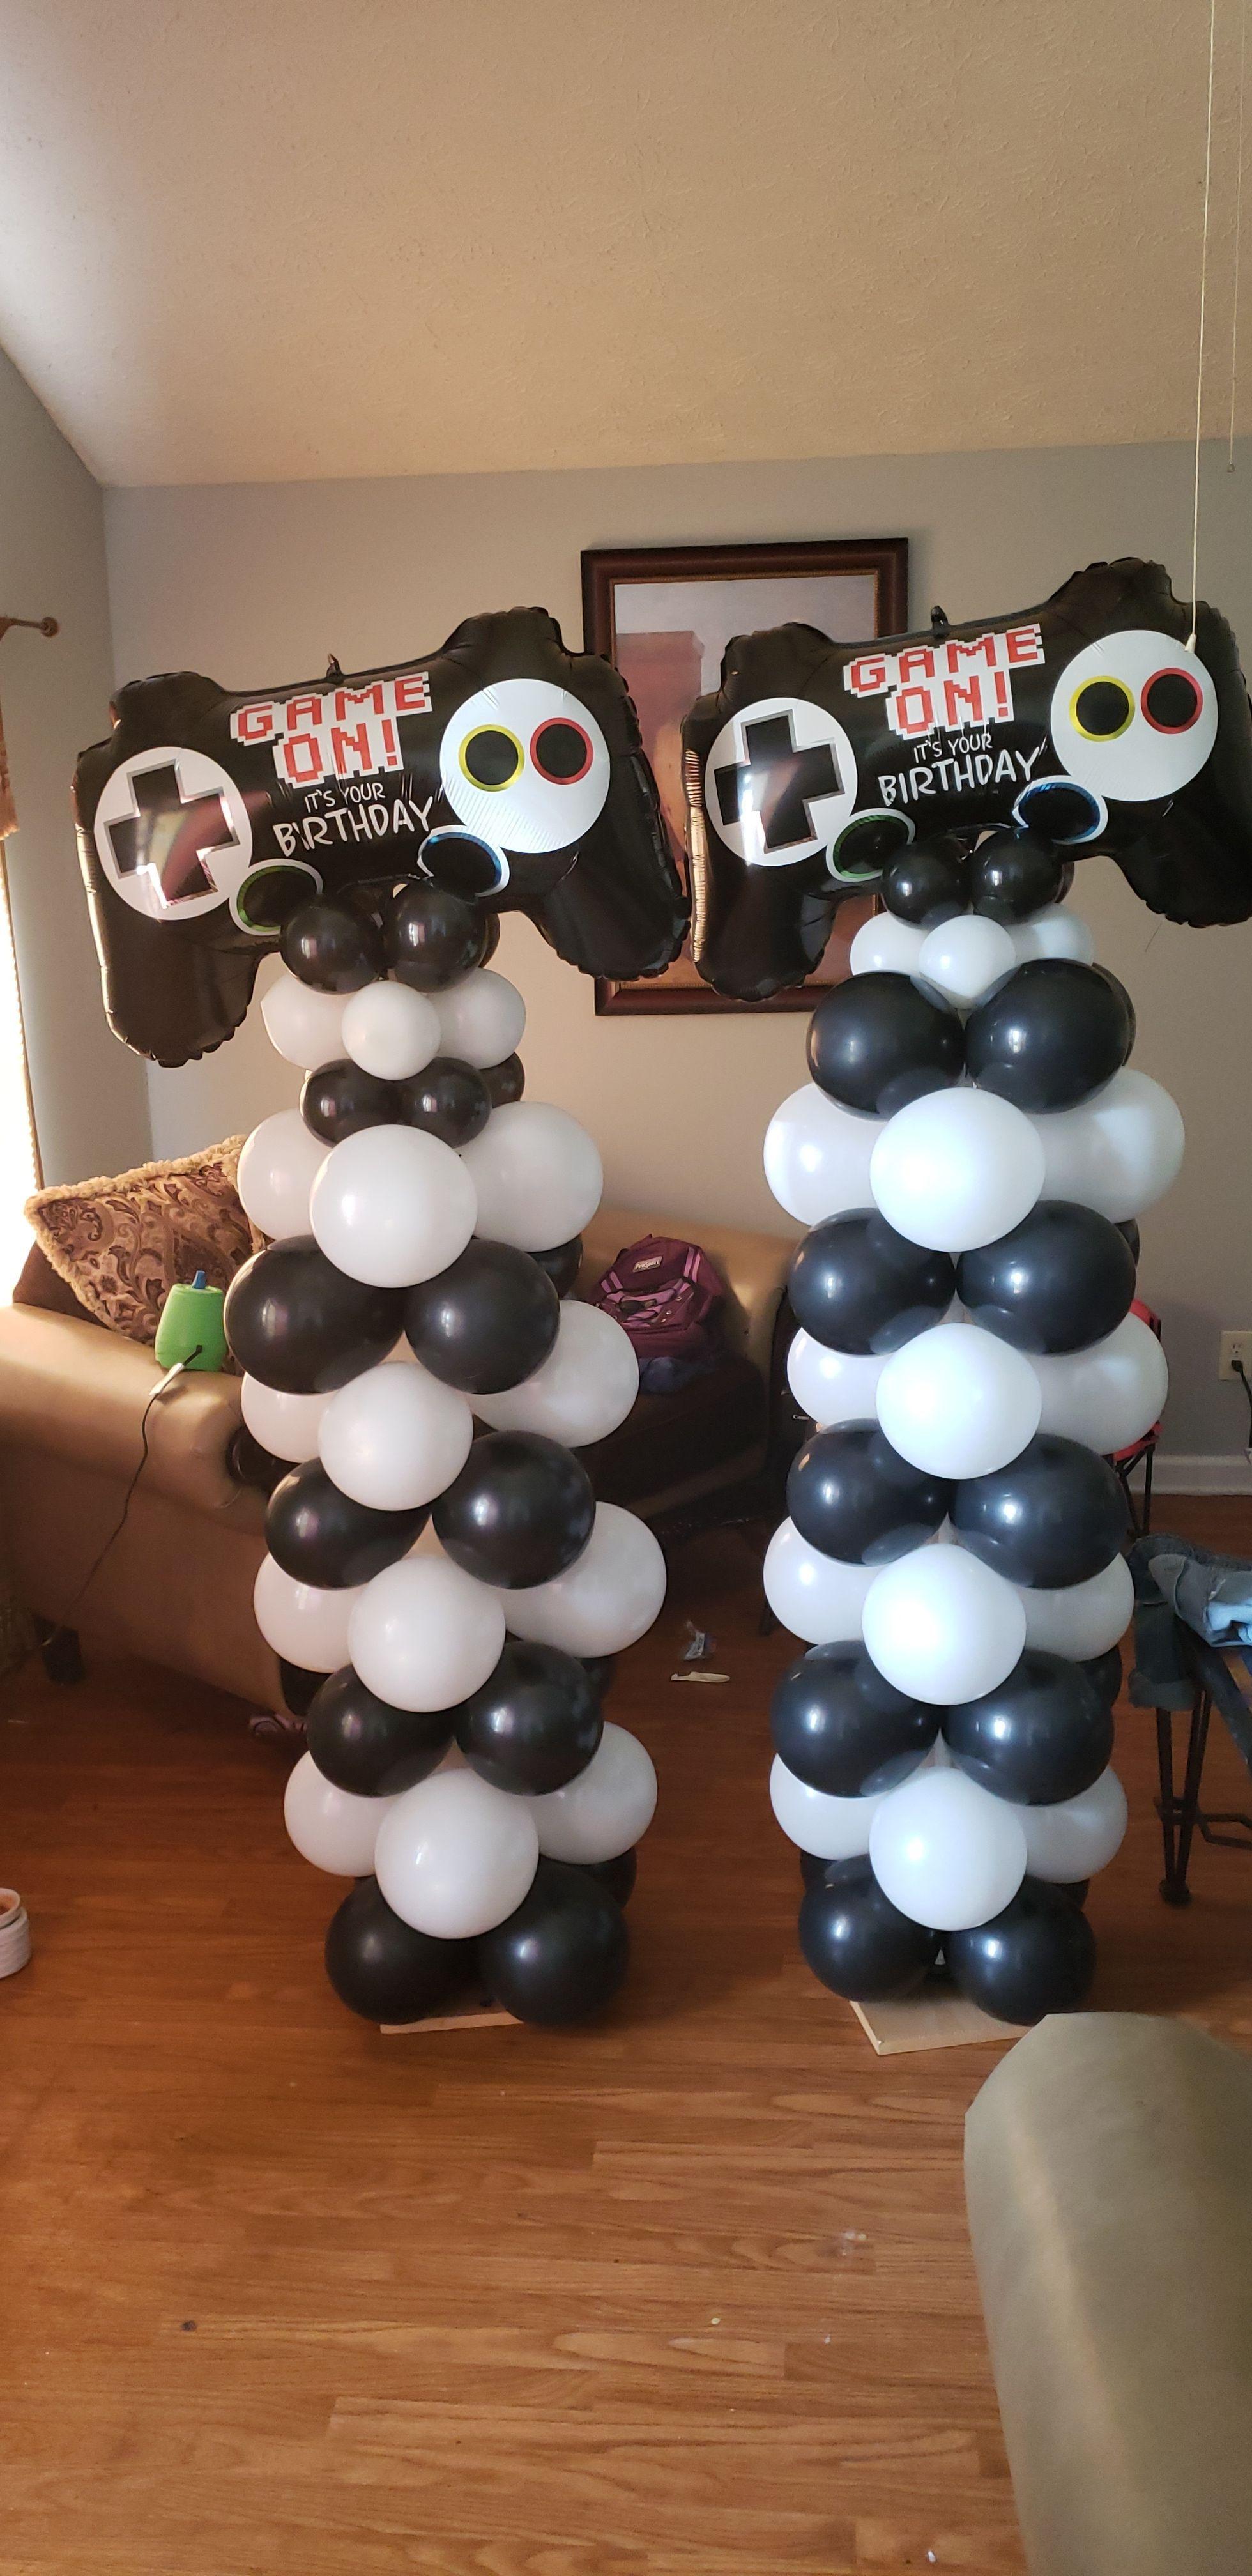 Game Controller Balloon Columns